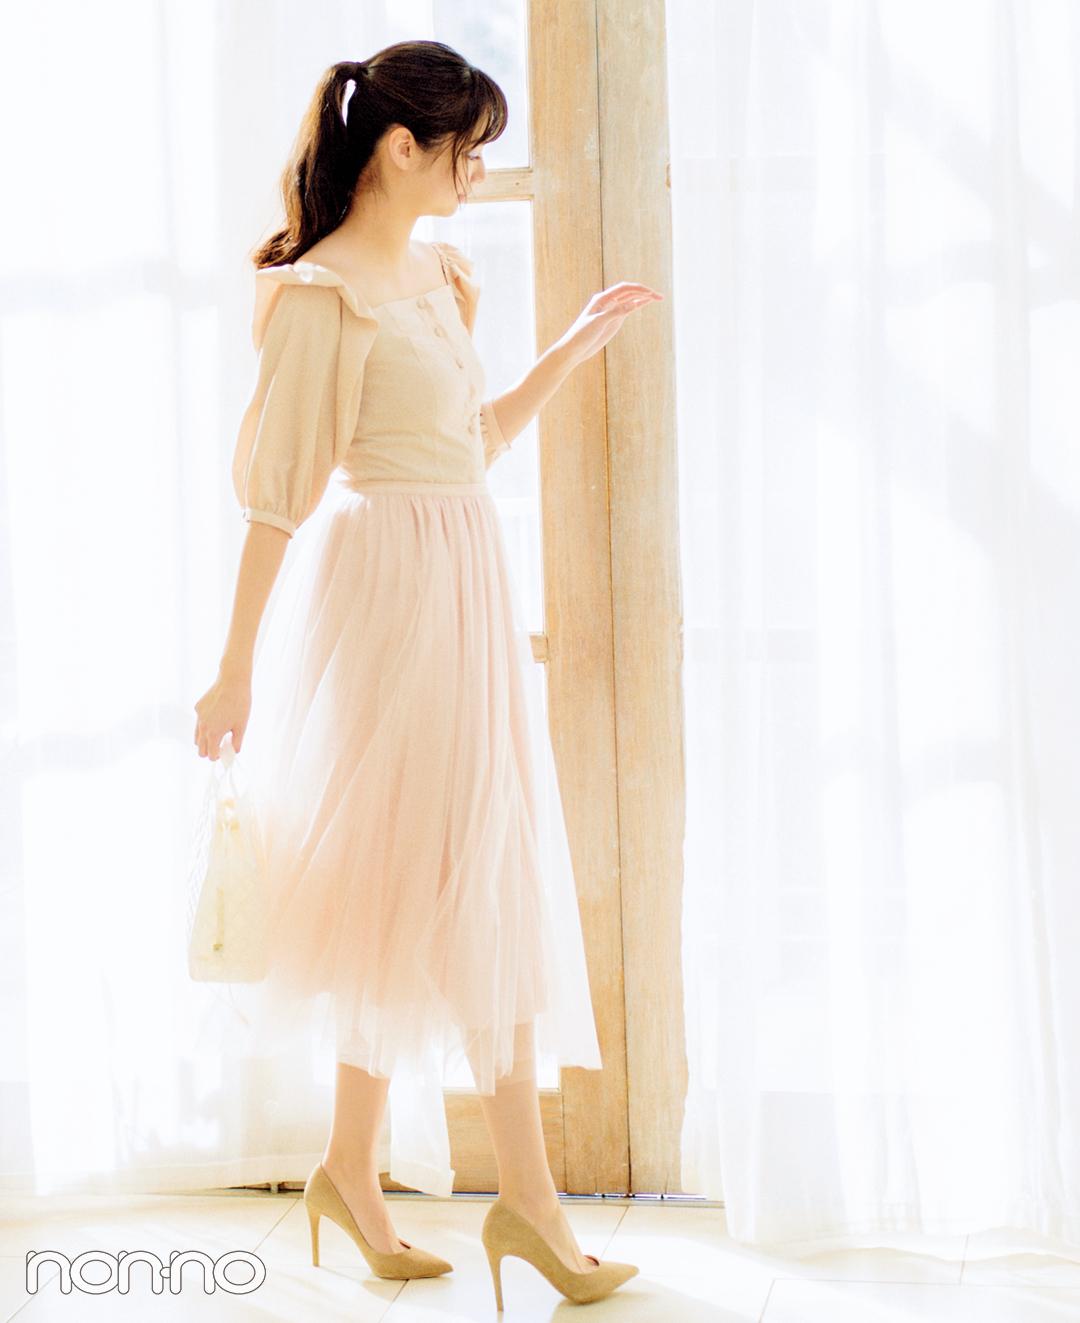 憧れ春コーデNO.1! 新川優愛が着る桜ピンクのチュールスカート♡ _1_1